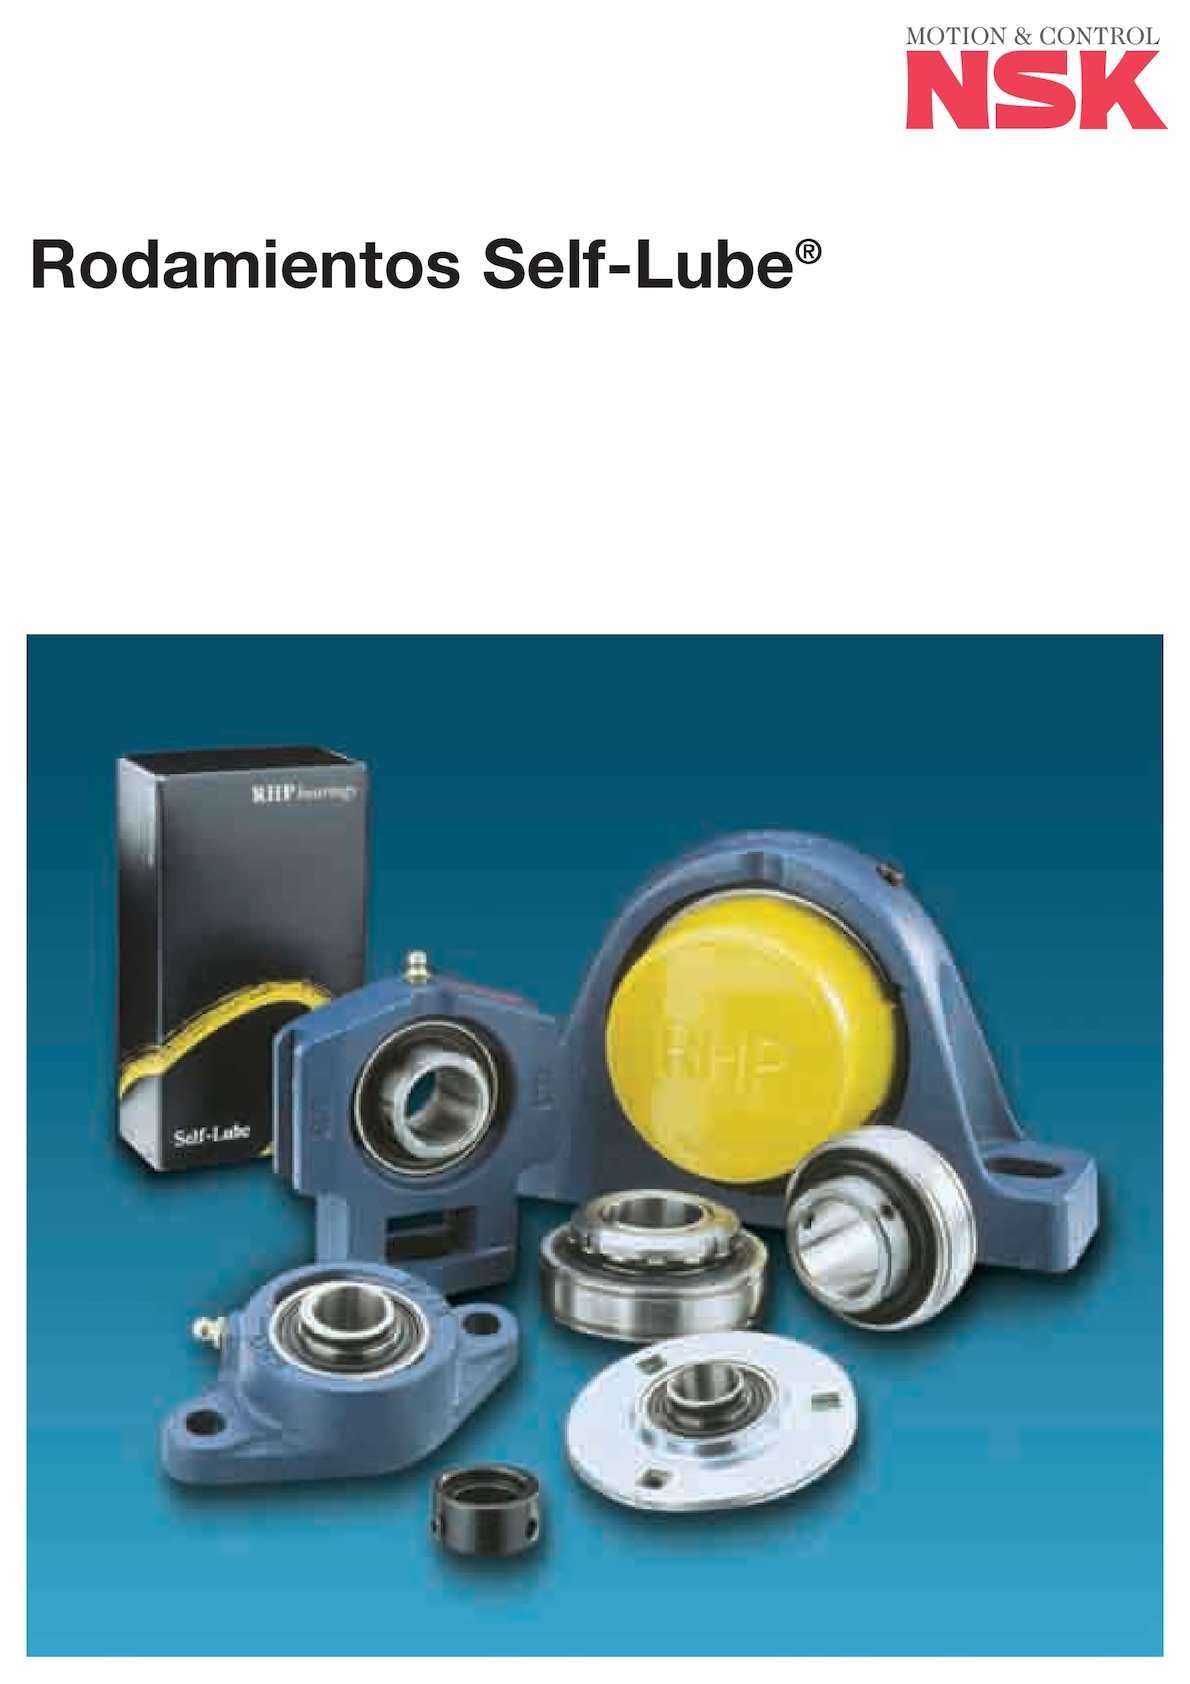 Rhp auto-lubricante 1235-35ECG Inserto Para 35 Mm x 72 mm de diámetro exterior del Eje